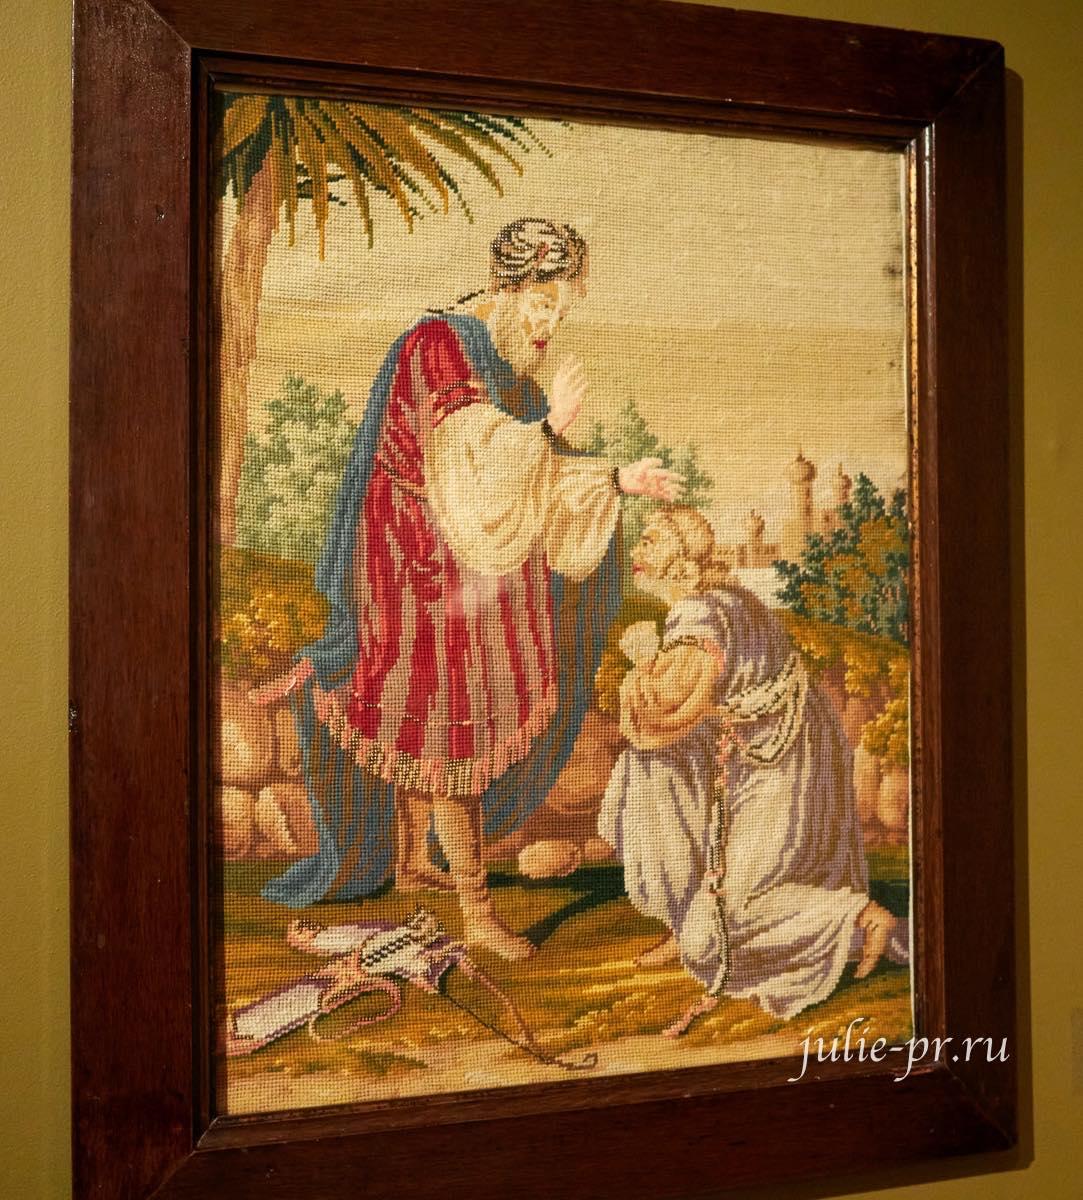 Возвращение блудного сына, 1-я половина XIX века, вышивка шерстью, бисером, выставка Старинные вышивки